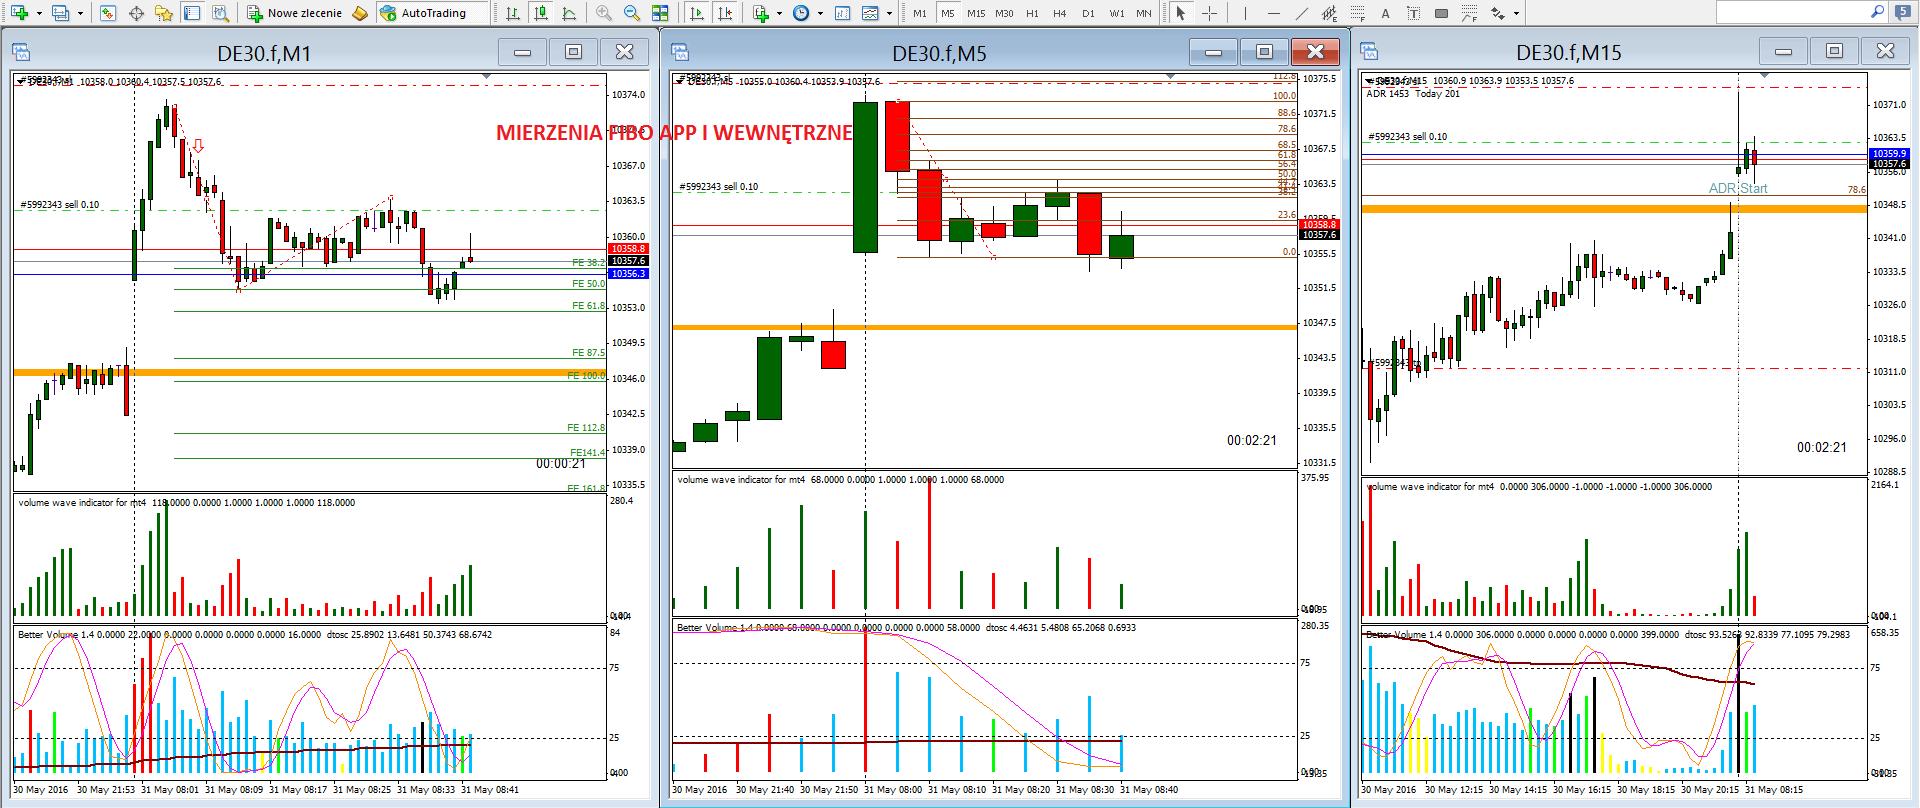 5-renko-scalping na renko-forex-skuteczna strategia-myforex-trader-trading-waluty-dax-prosta strategia tradingowa-broker-sukces-wolumen-vsa-świece japońskie-trading